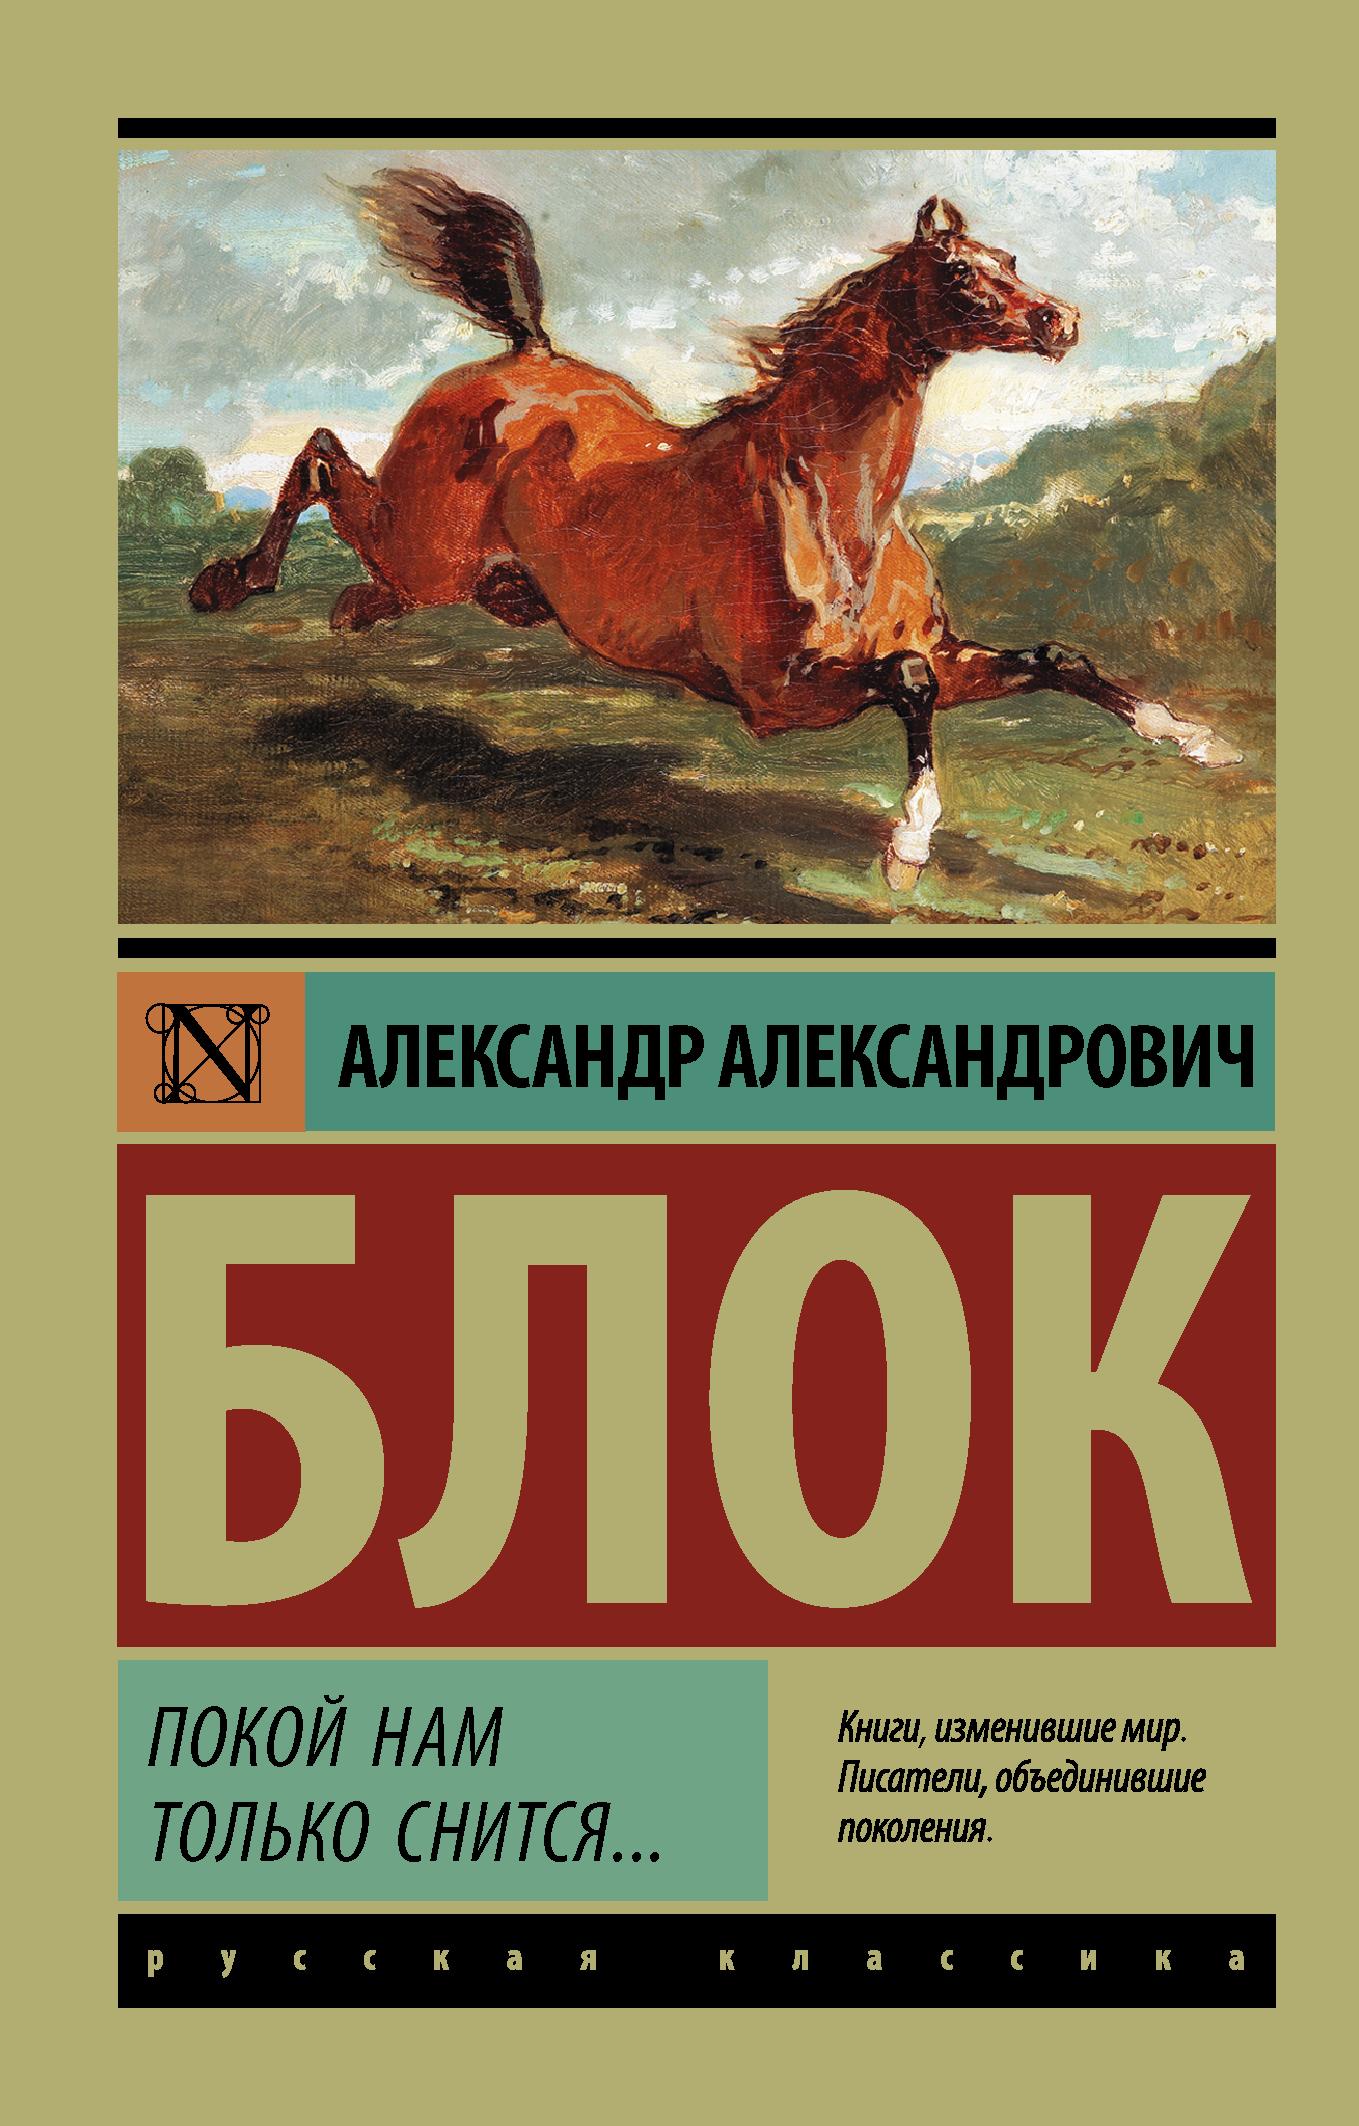 Александр Александрович Блок Покой нам только снится... блок александр александрович незнакомка двенадцать избранные произведения